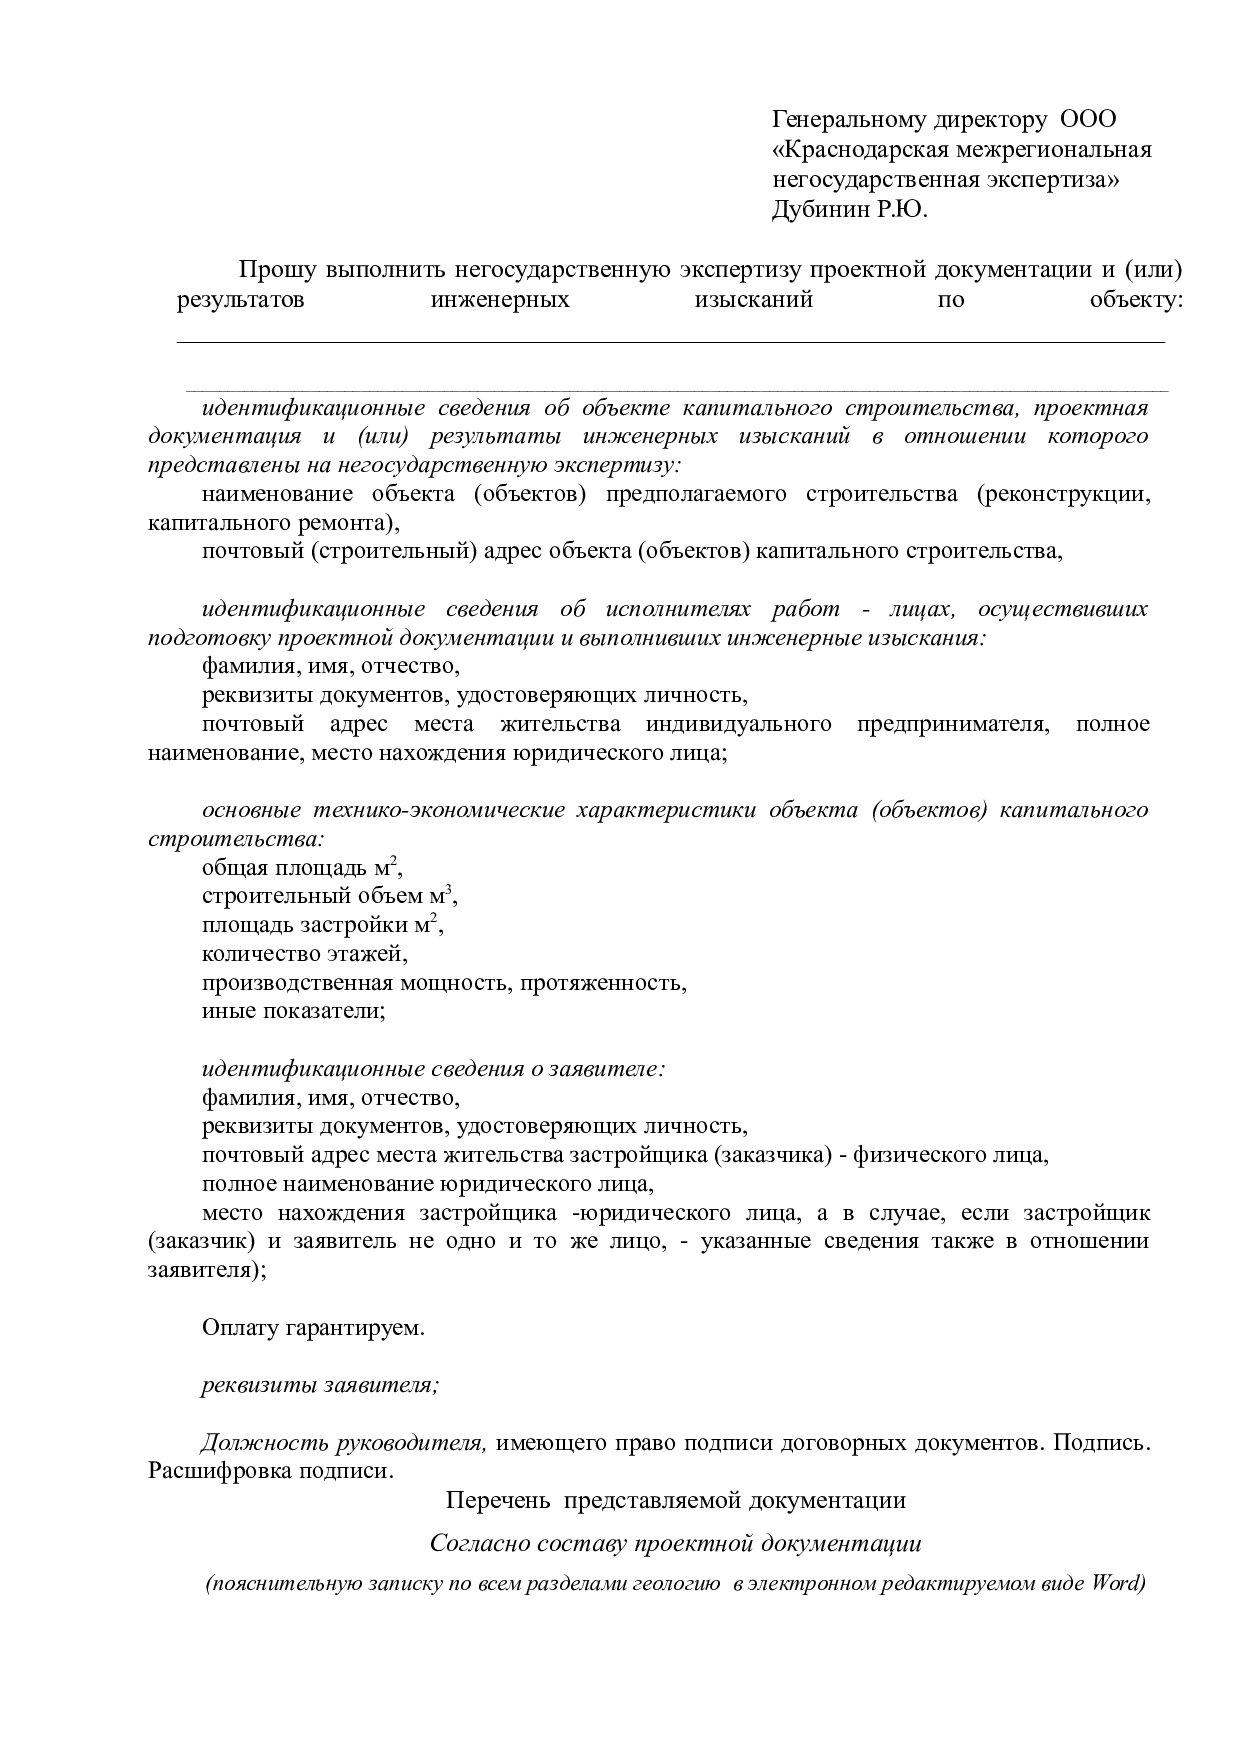 договор на проведение строительной экспертизы